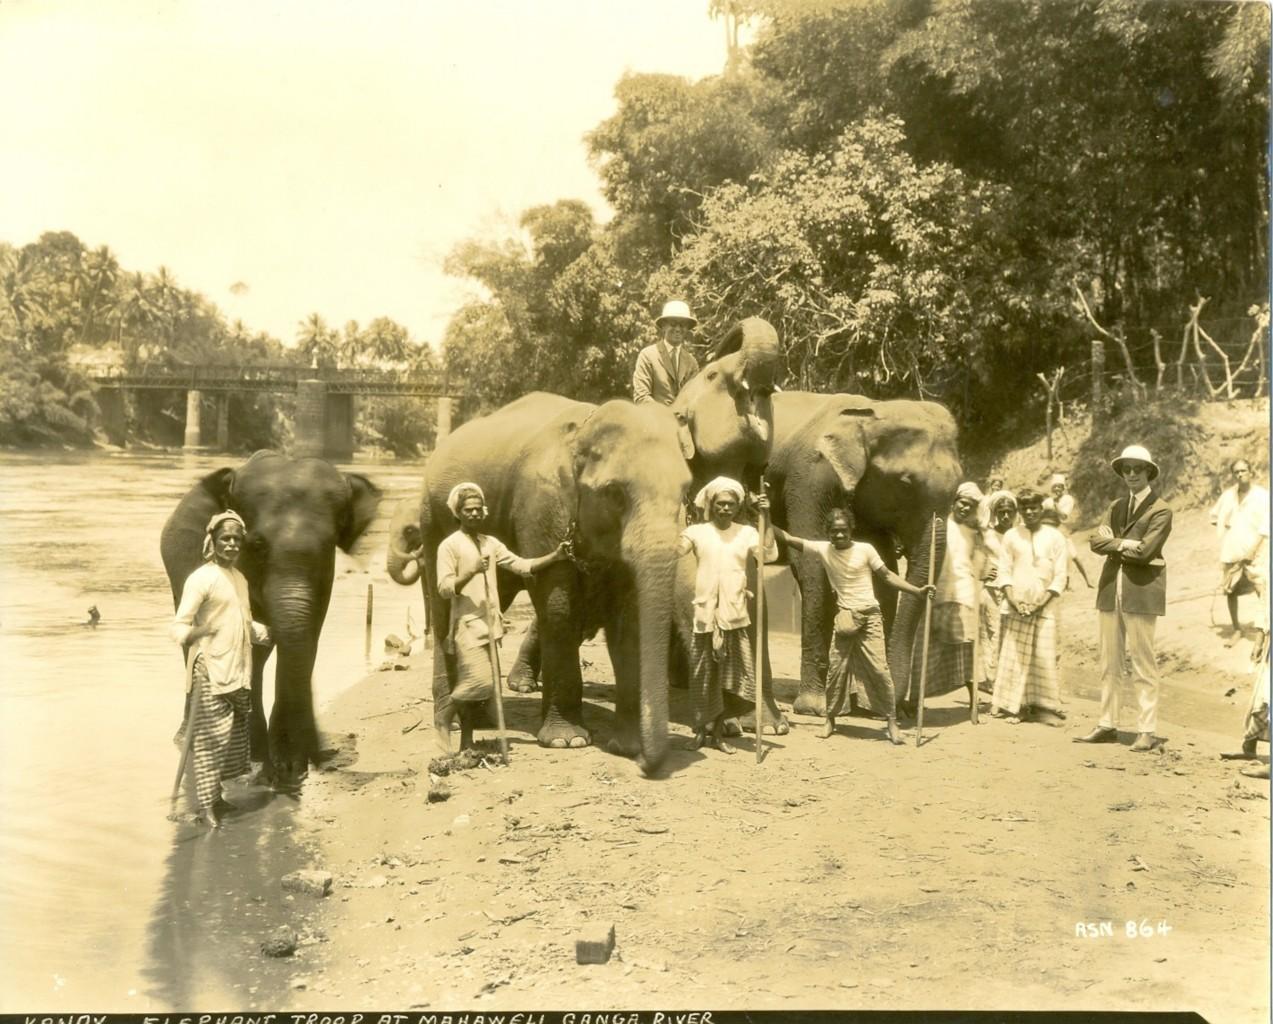 Elephant troop at Mahaweli, Ceylon (Sri Lanka)